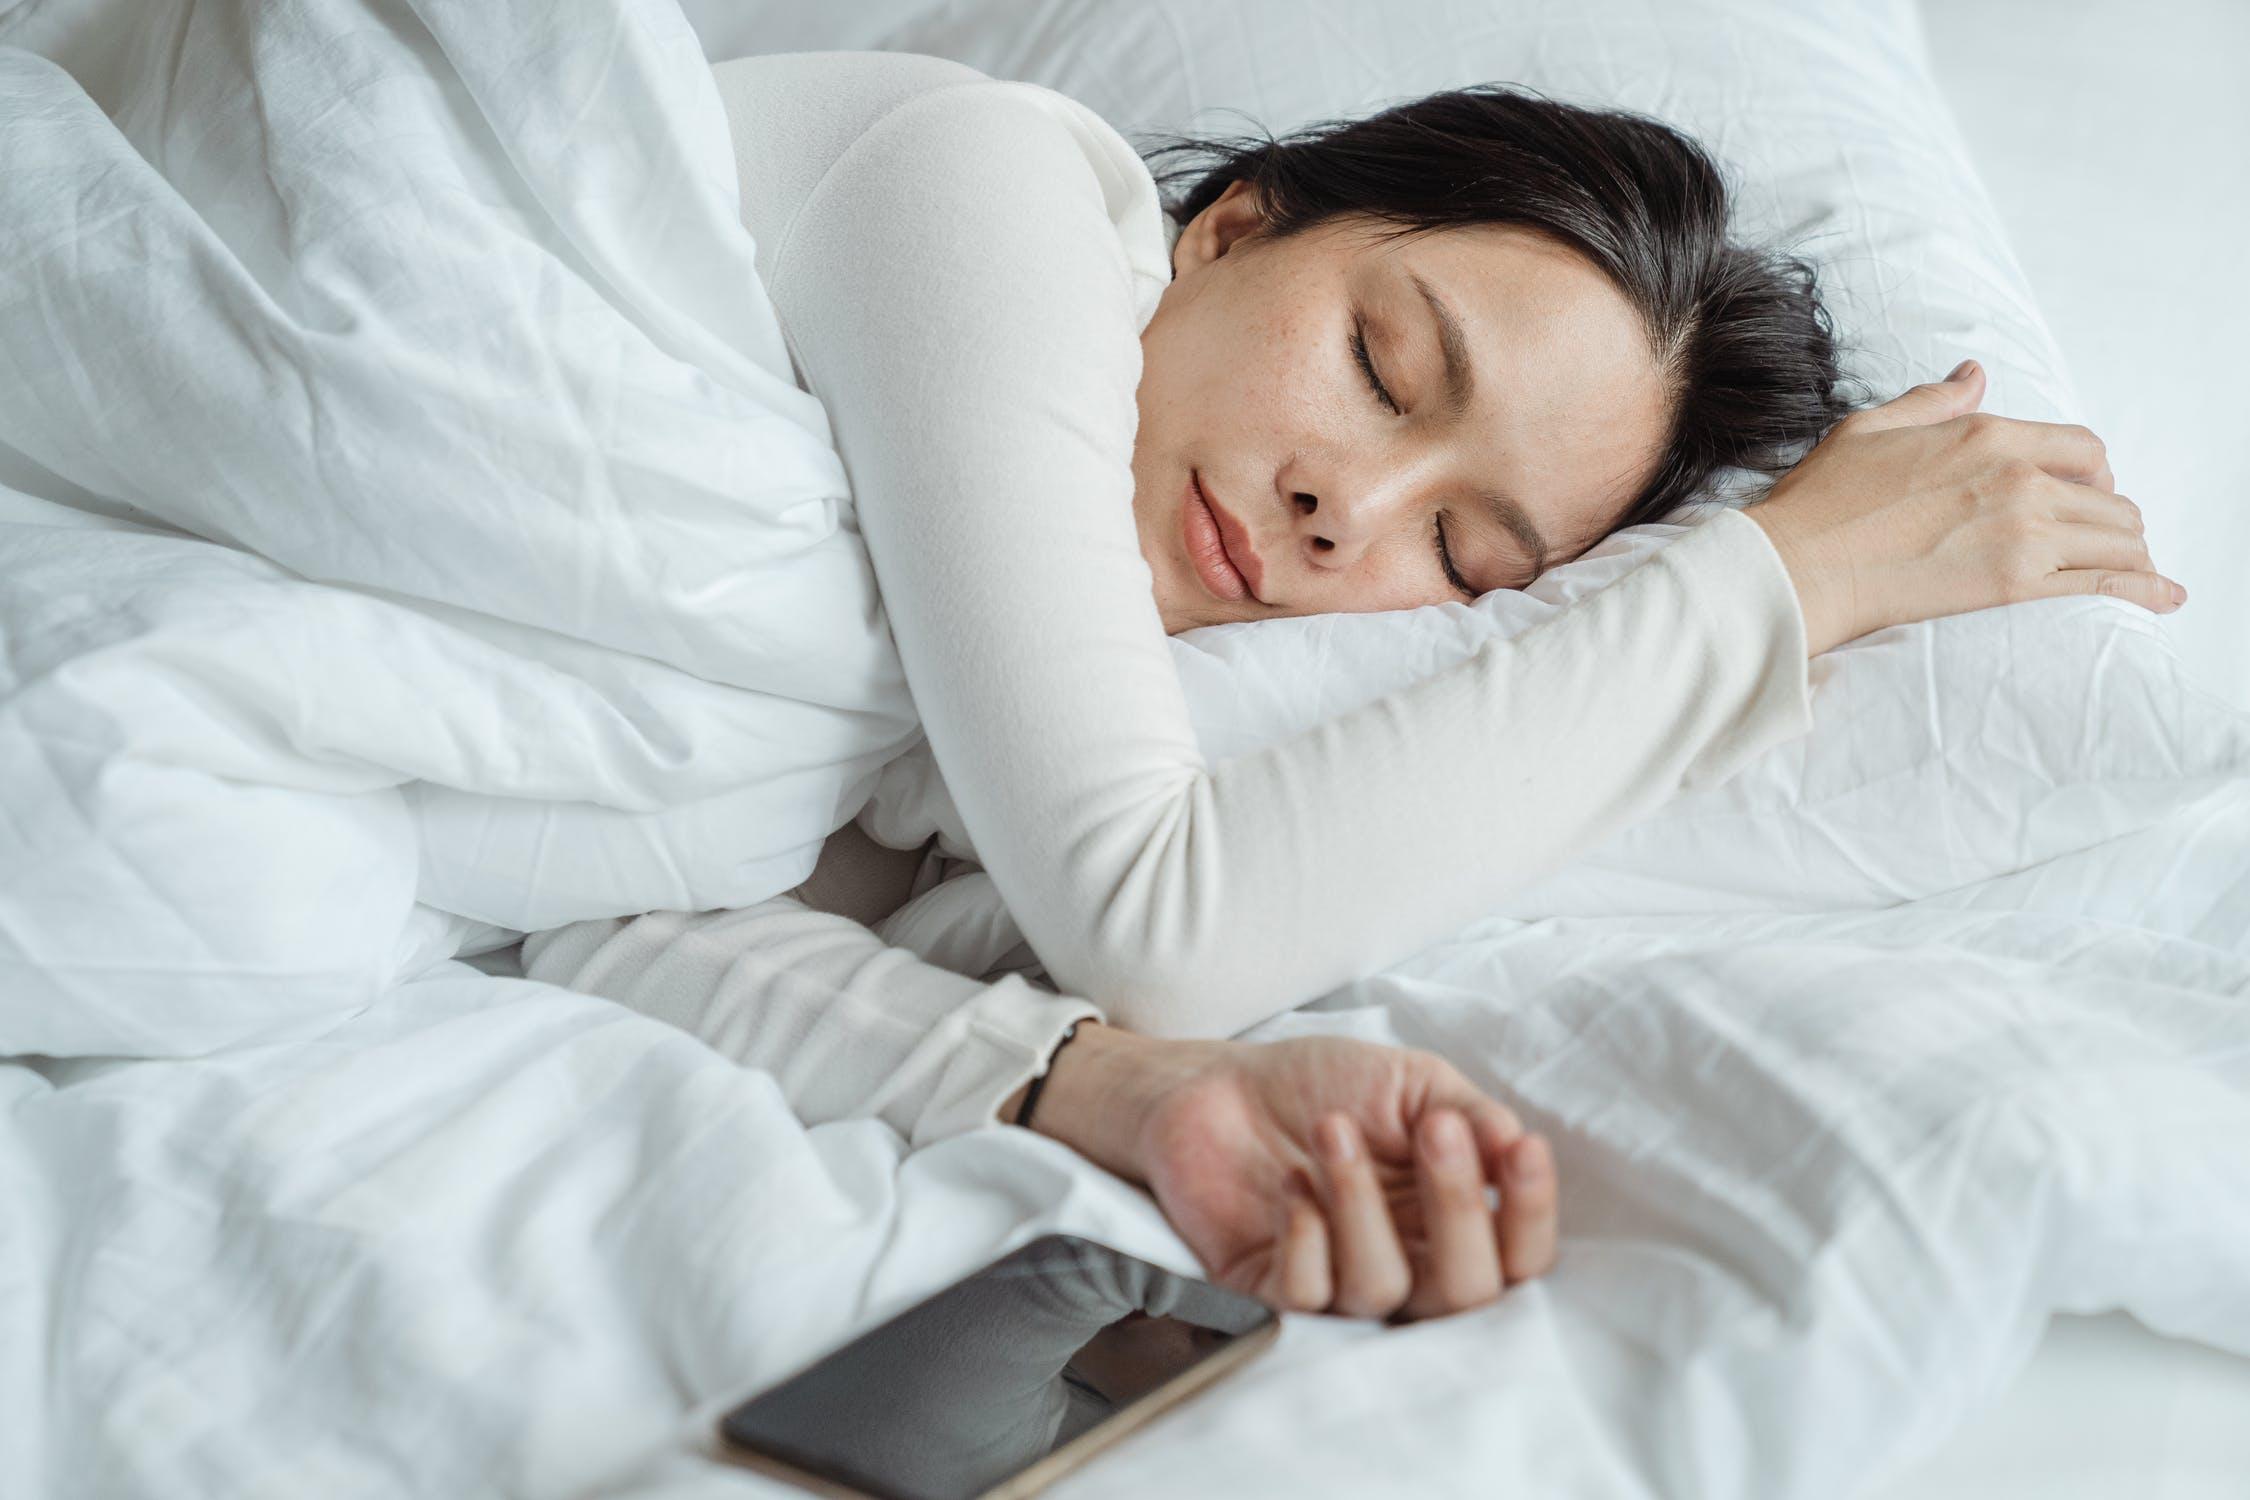 Chứng ngưng thở khi ngủ có thể ảnh hưởng đến tim mạch.